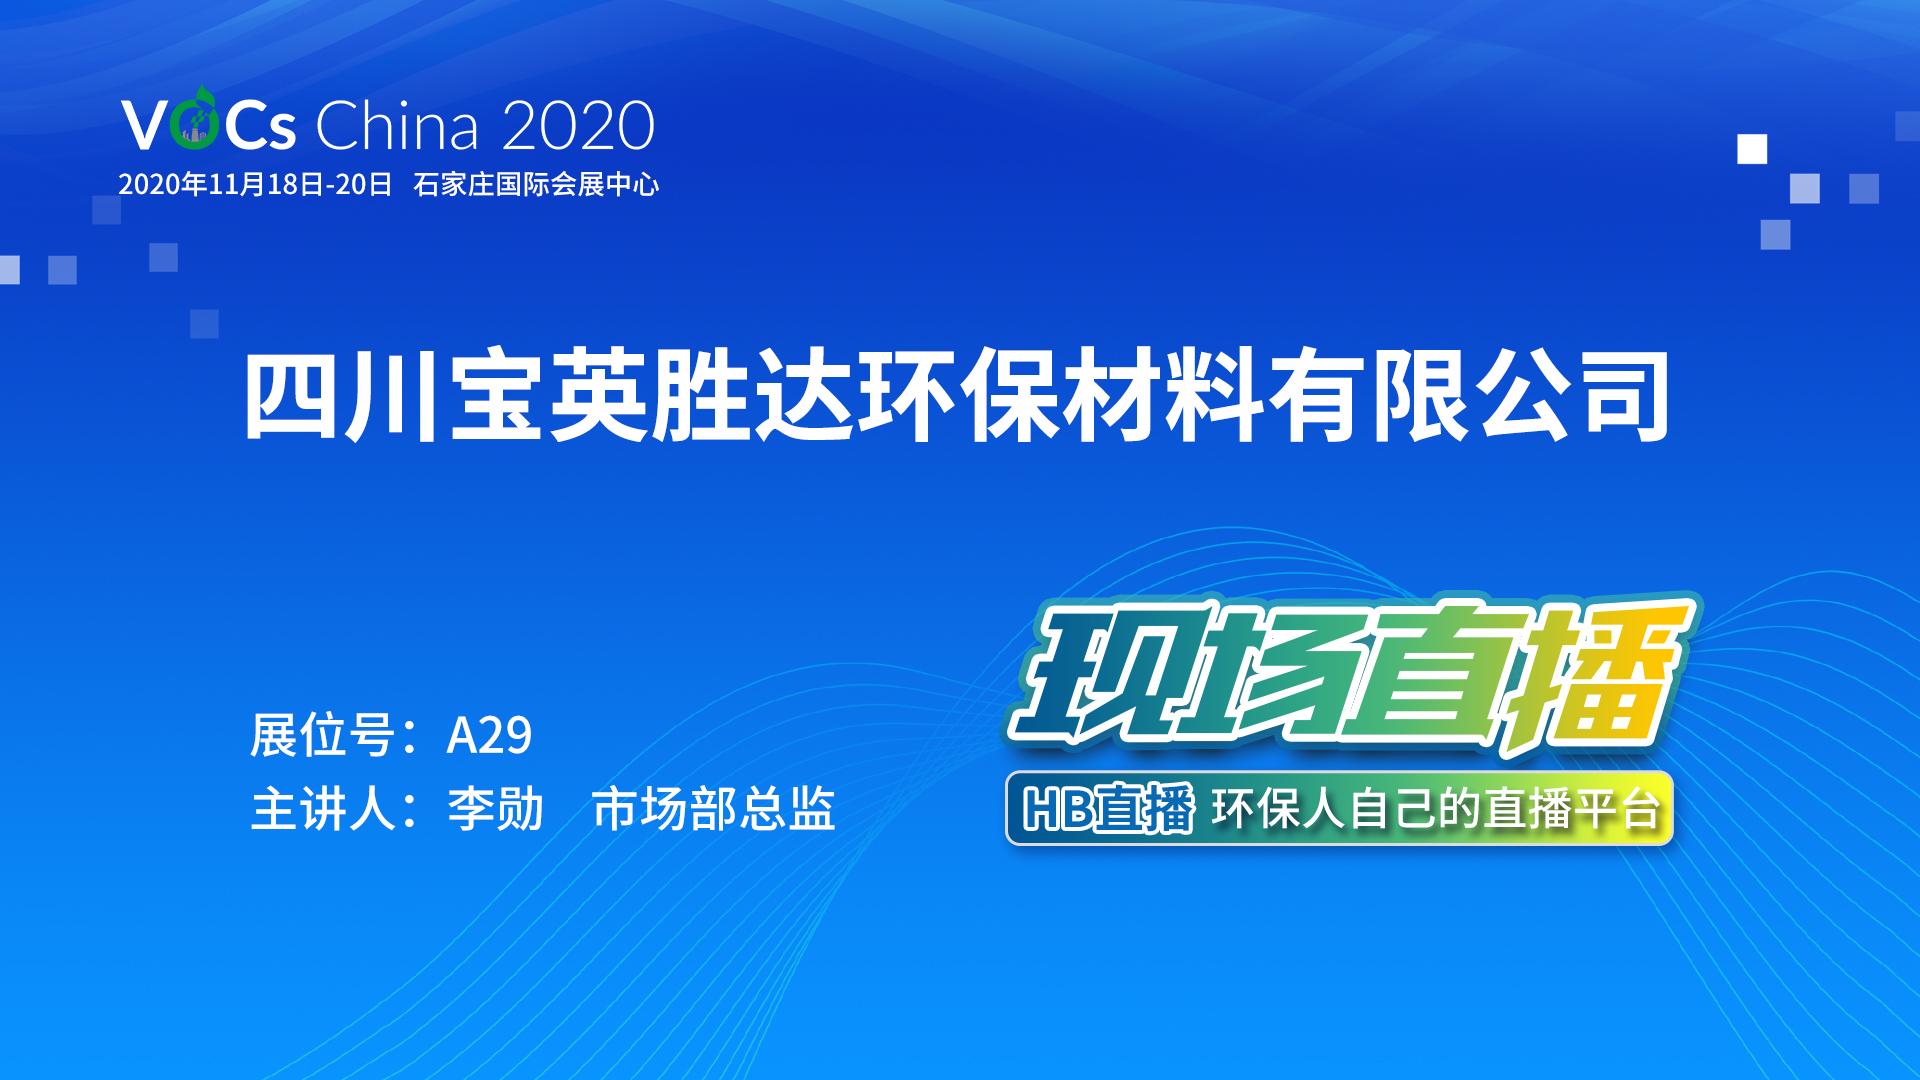 2020 VOCs China直播:宝英胜达VOCs非贵金属催化剂